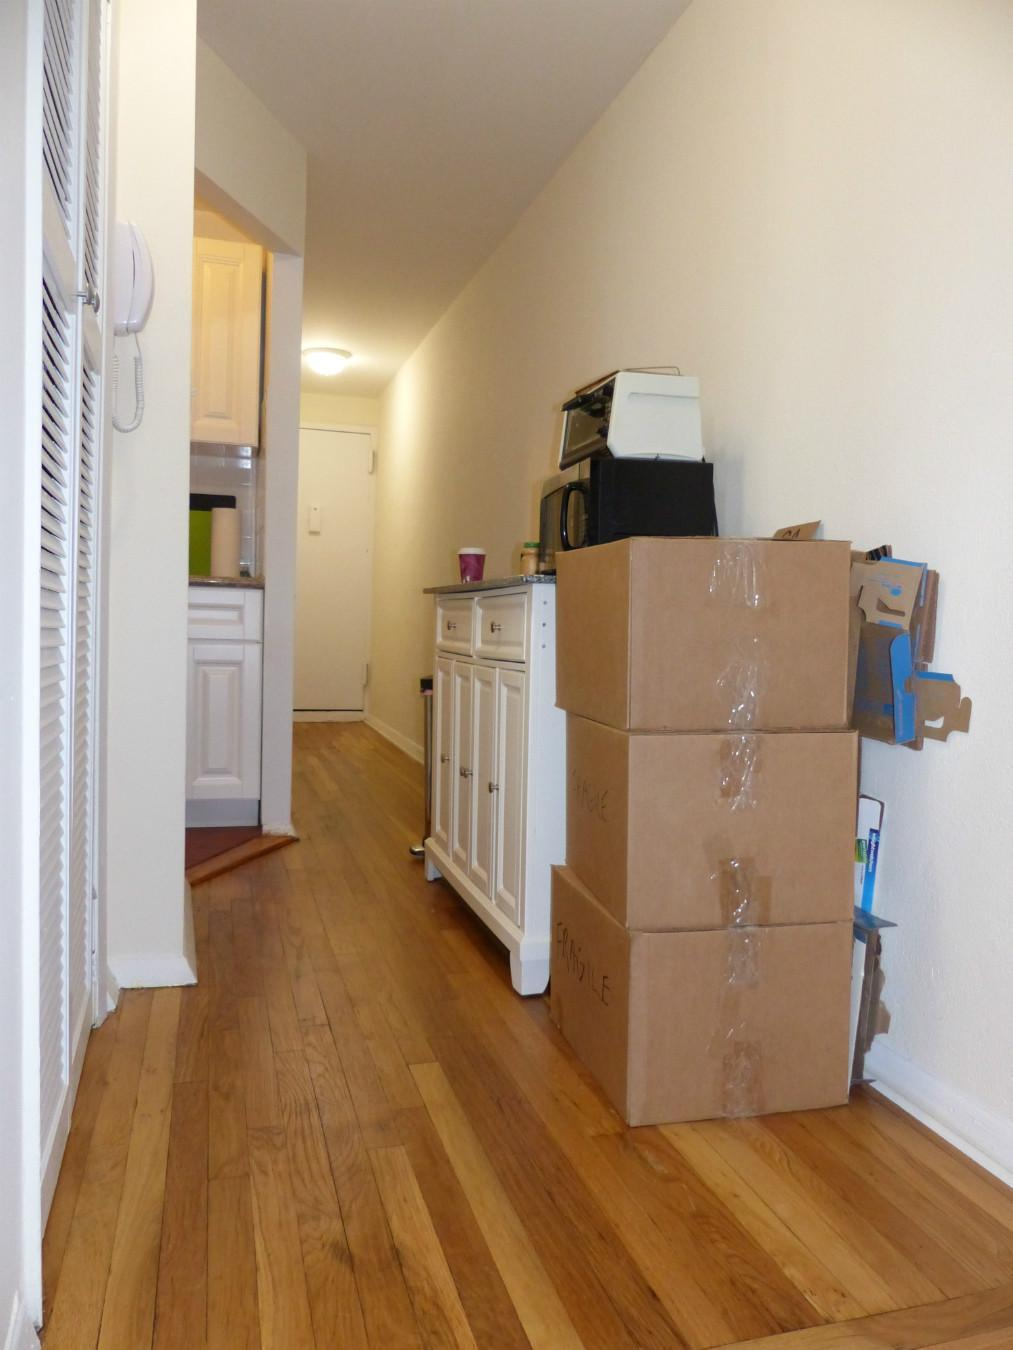 Steps/ Hallway / Kitchen